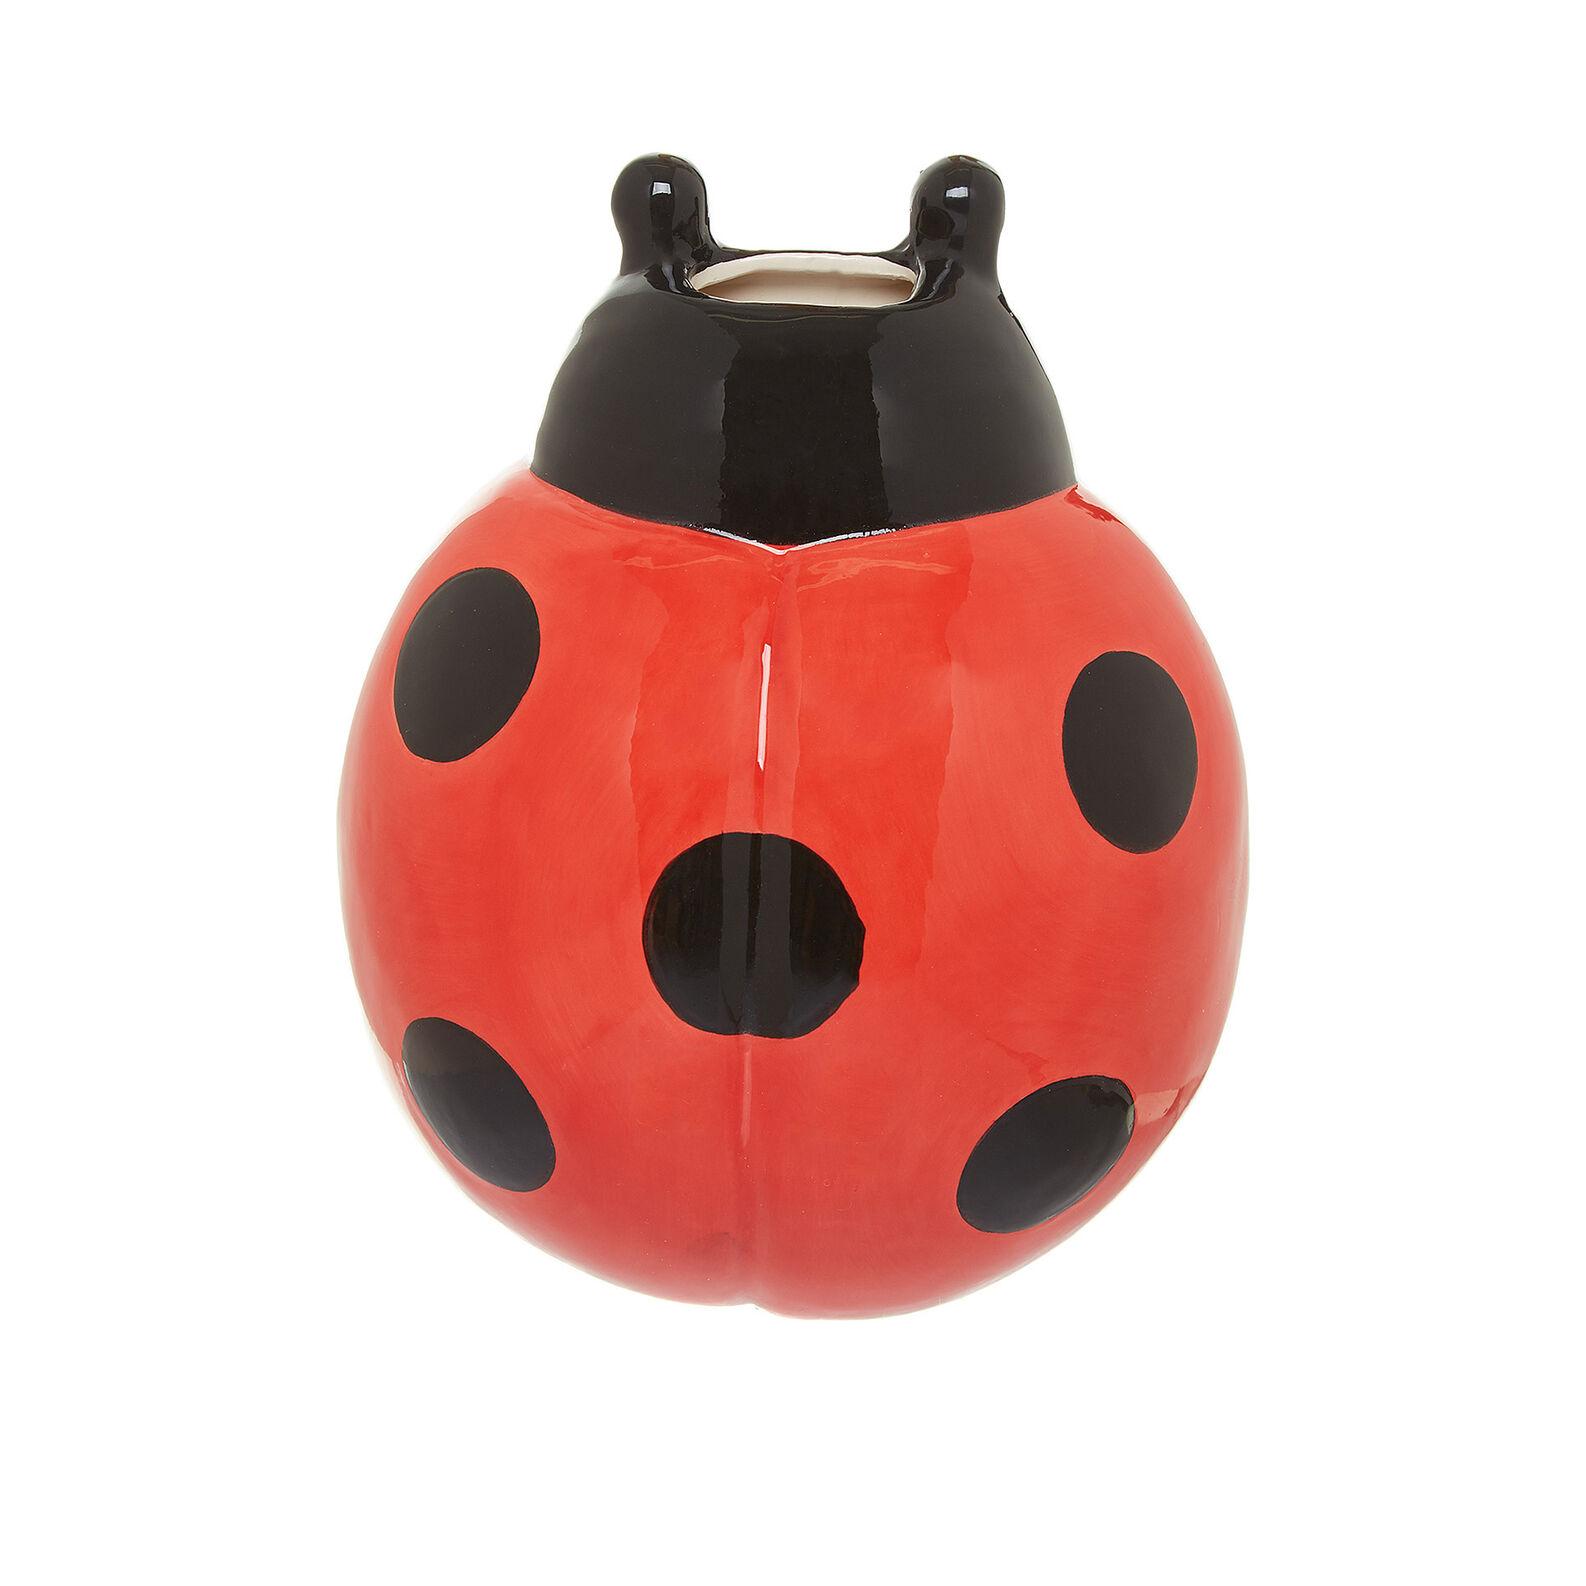 Ladybird-shaped ceramic humidifier